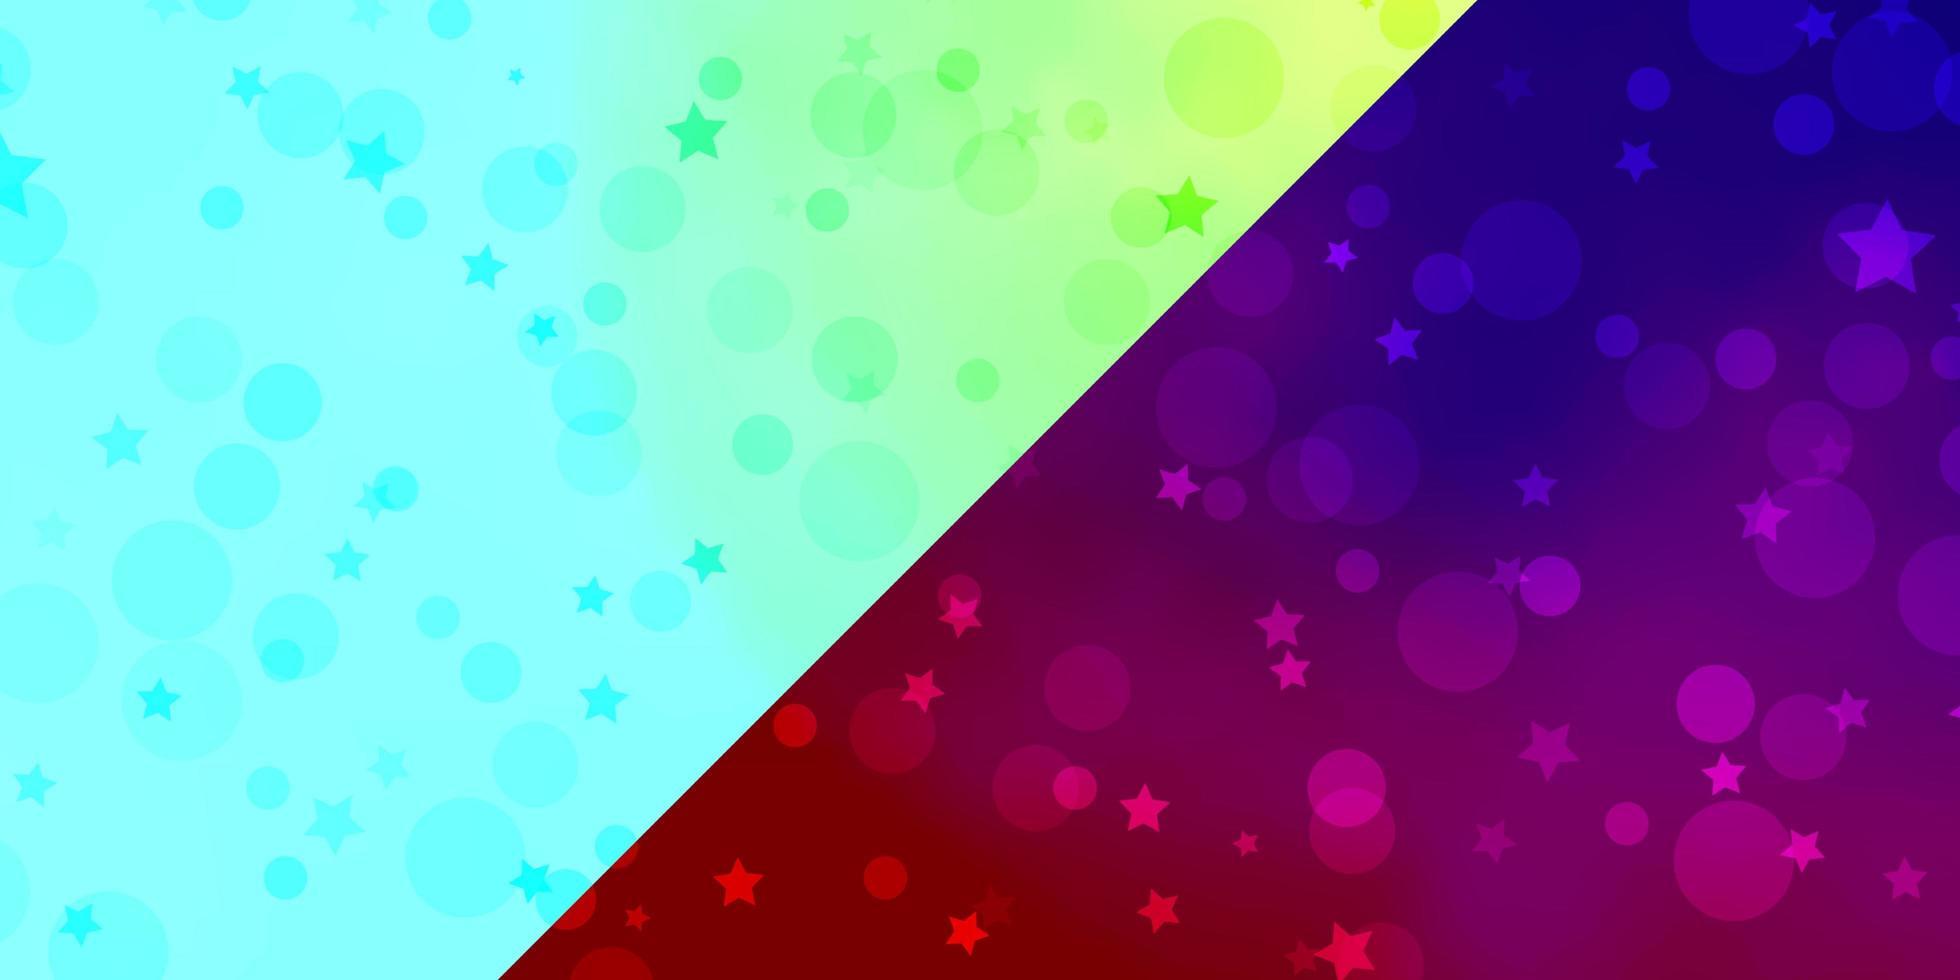 textura con círculos y estrellas. vector